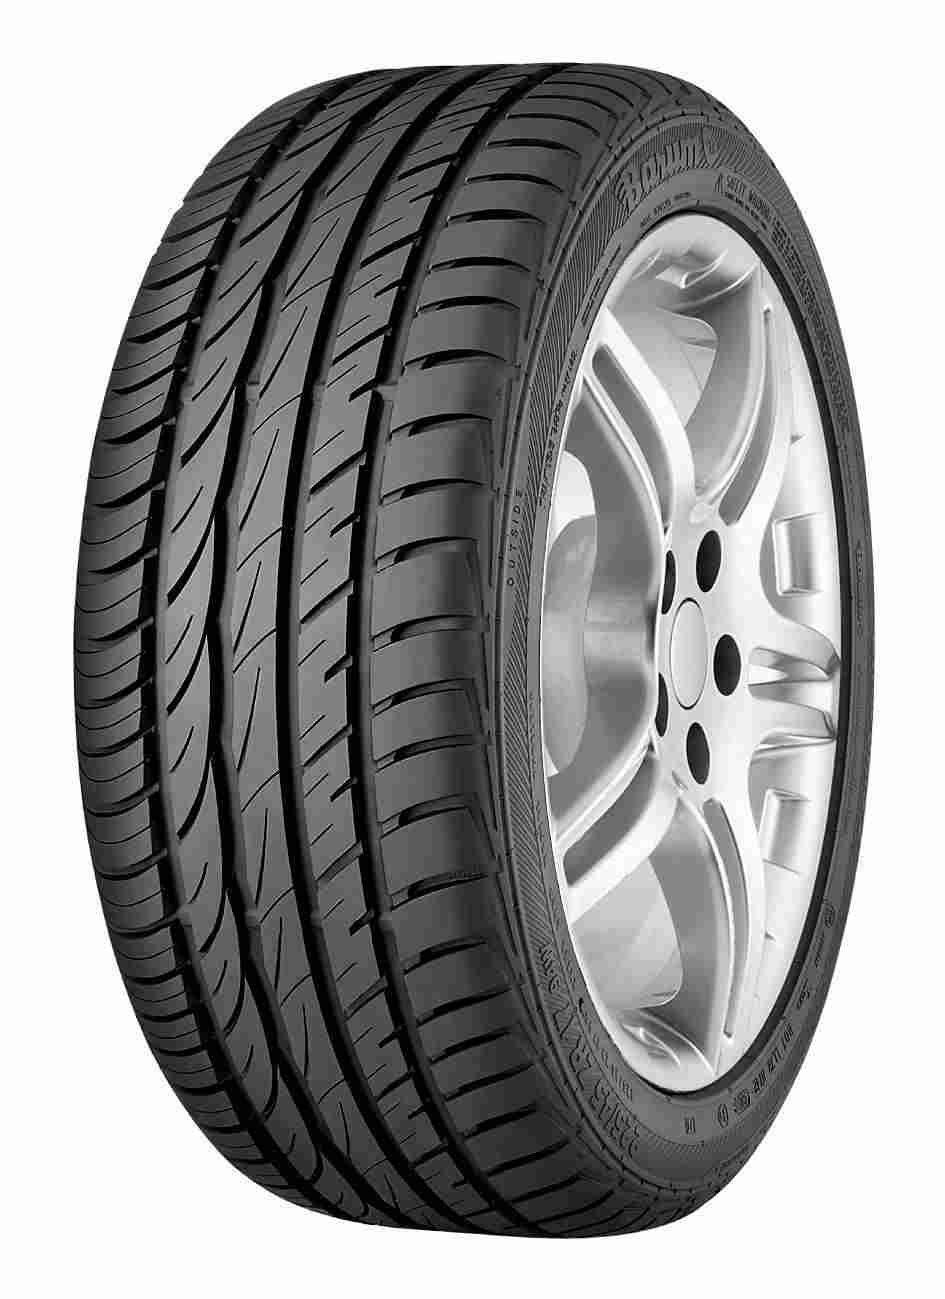 Neumático BARUM BRAVURIS2 205/60R16 92 H